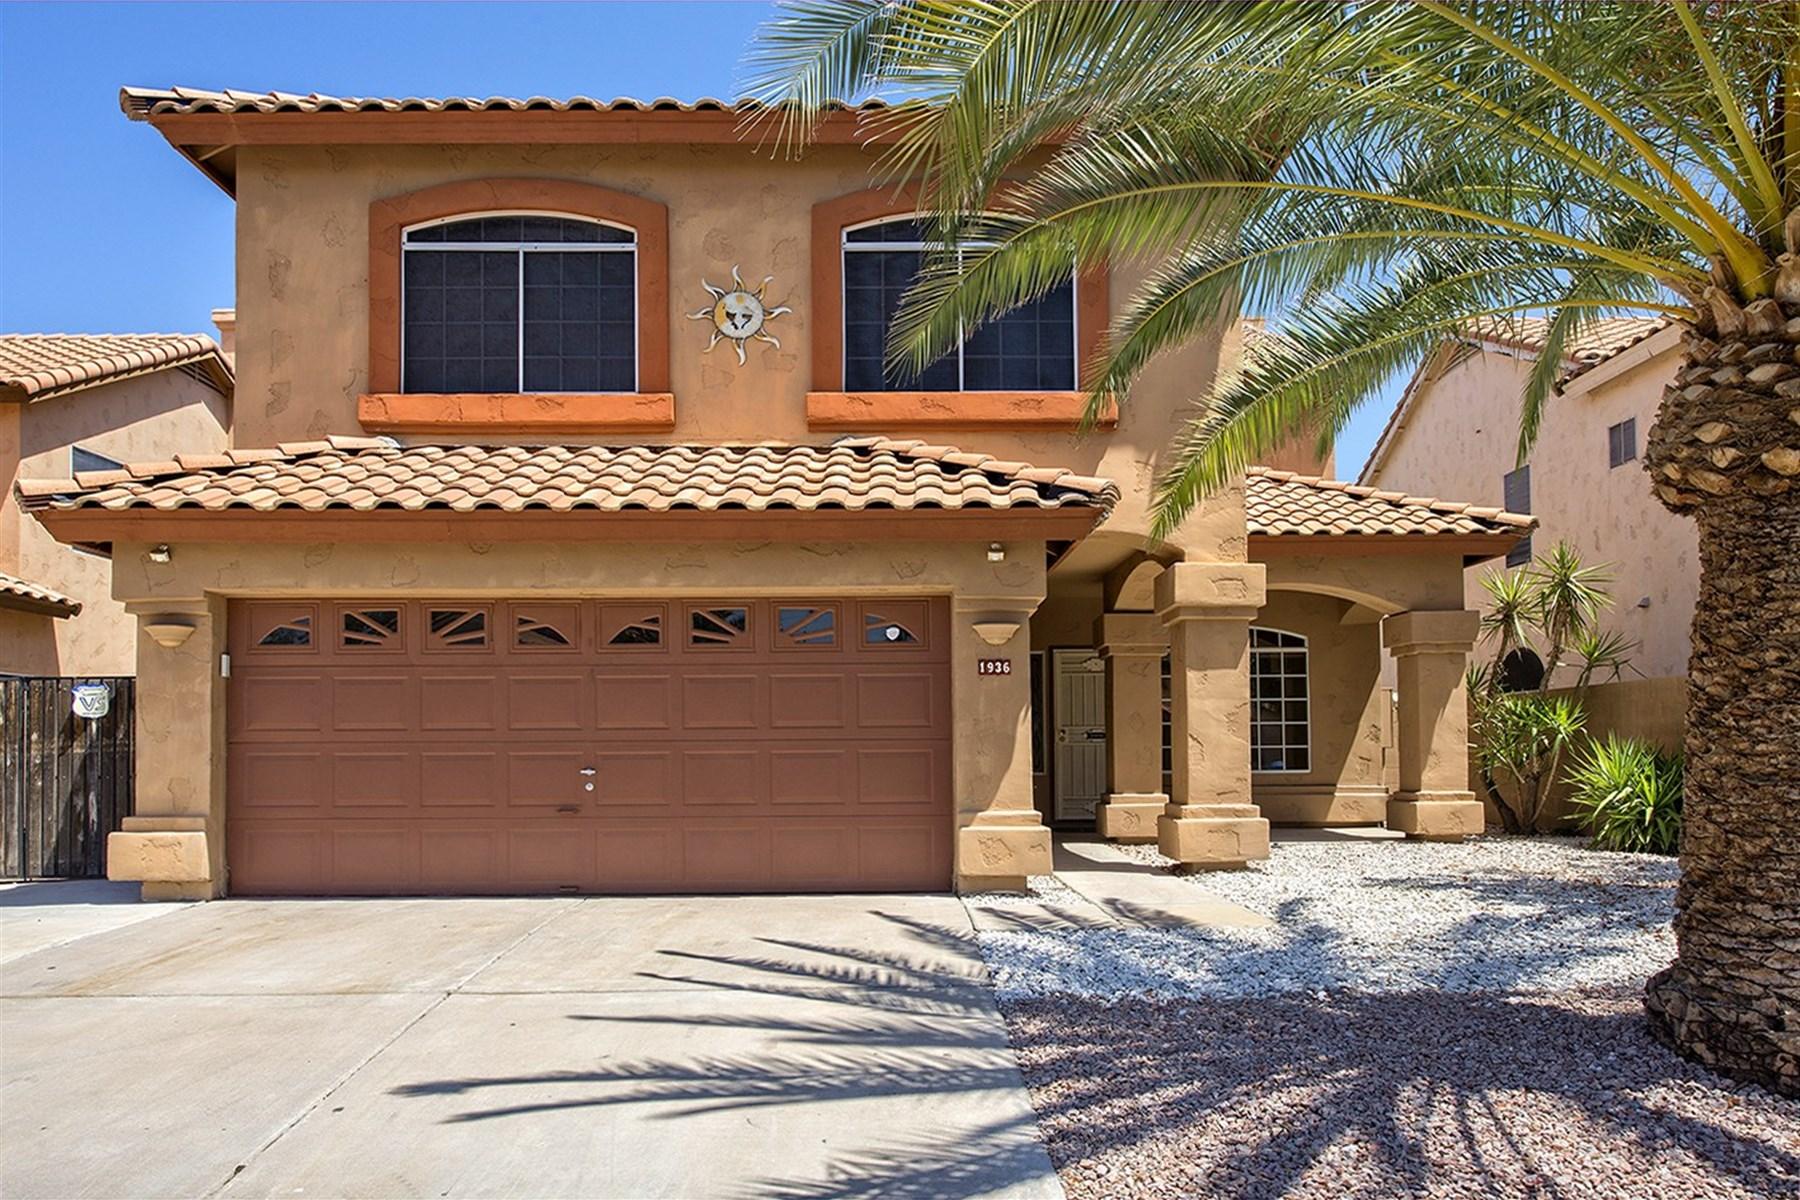 独户住宅 为 销售 在 Well maintained family home 菲尼克斯(凤凰城), 亚利桑那州, 85024 美国